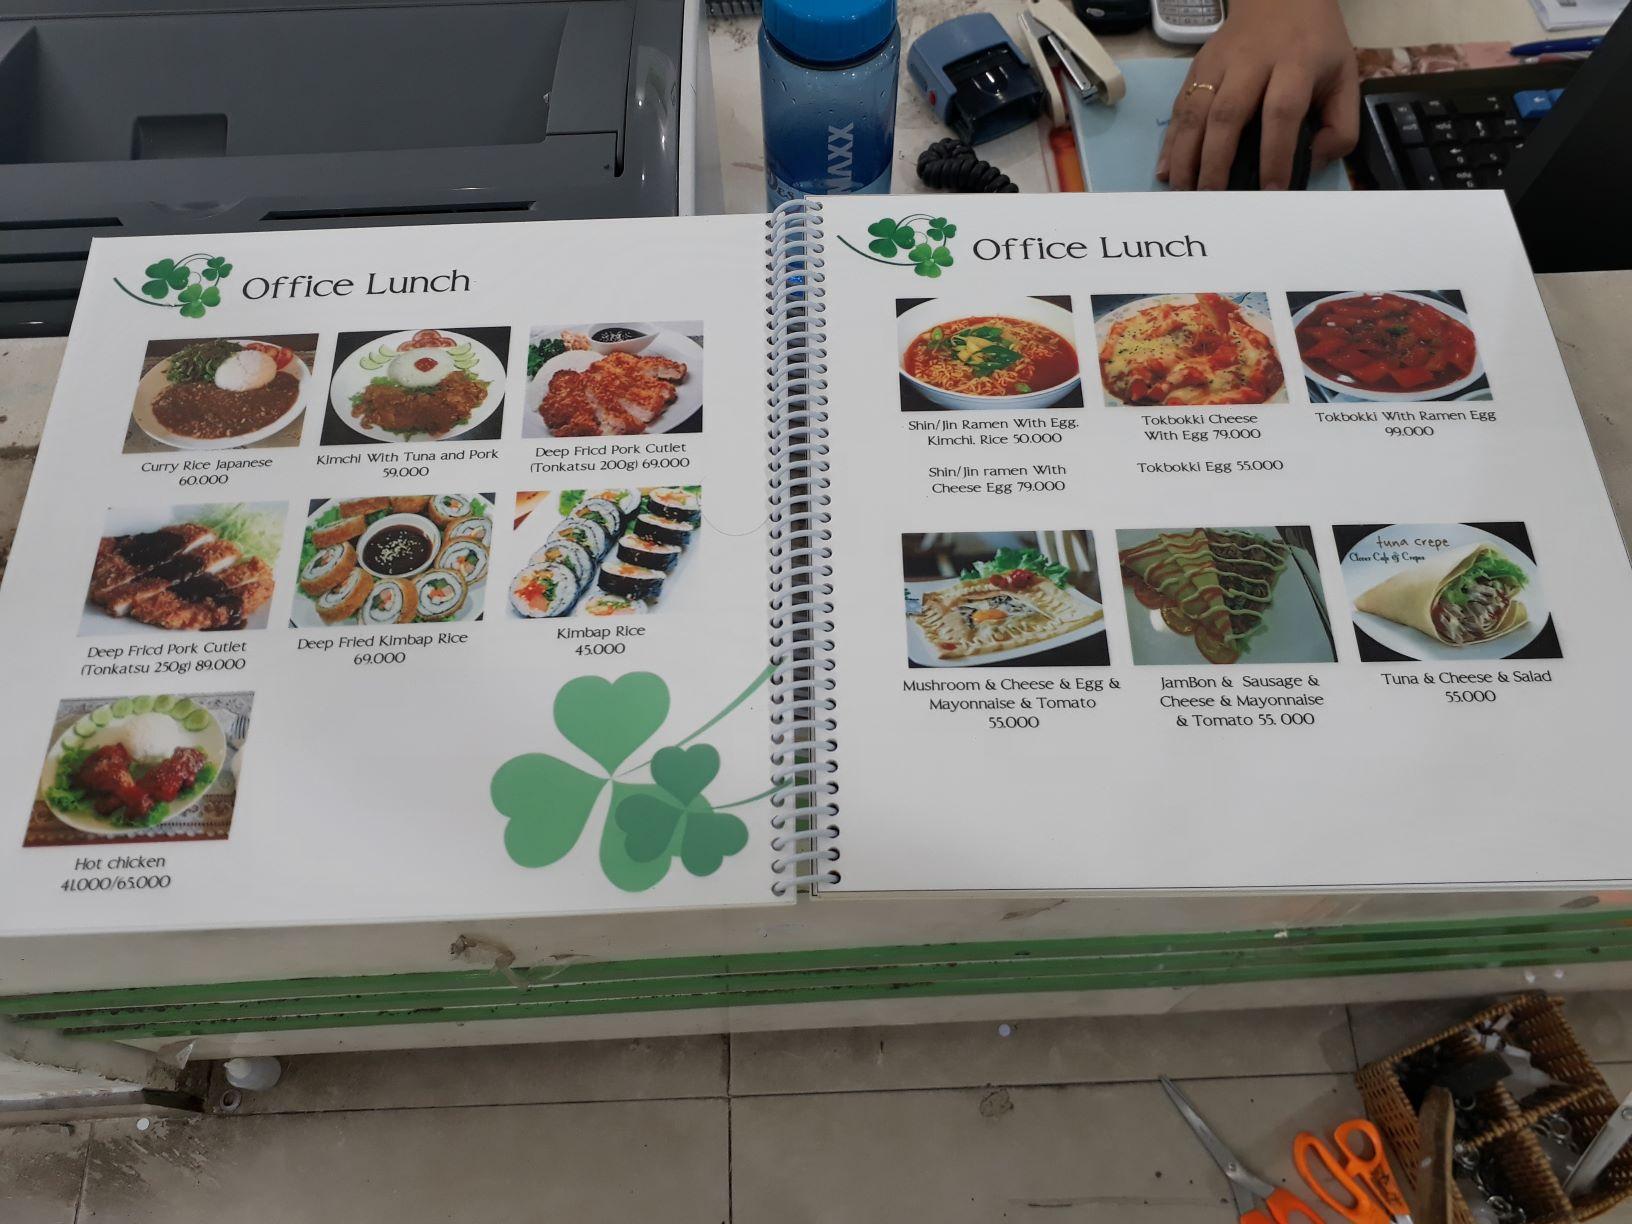 Chọn loại menu thân thiện với môi tường và thể hiện bằng gam màu xanh mát là xu hướng hiện nay